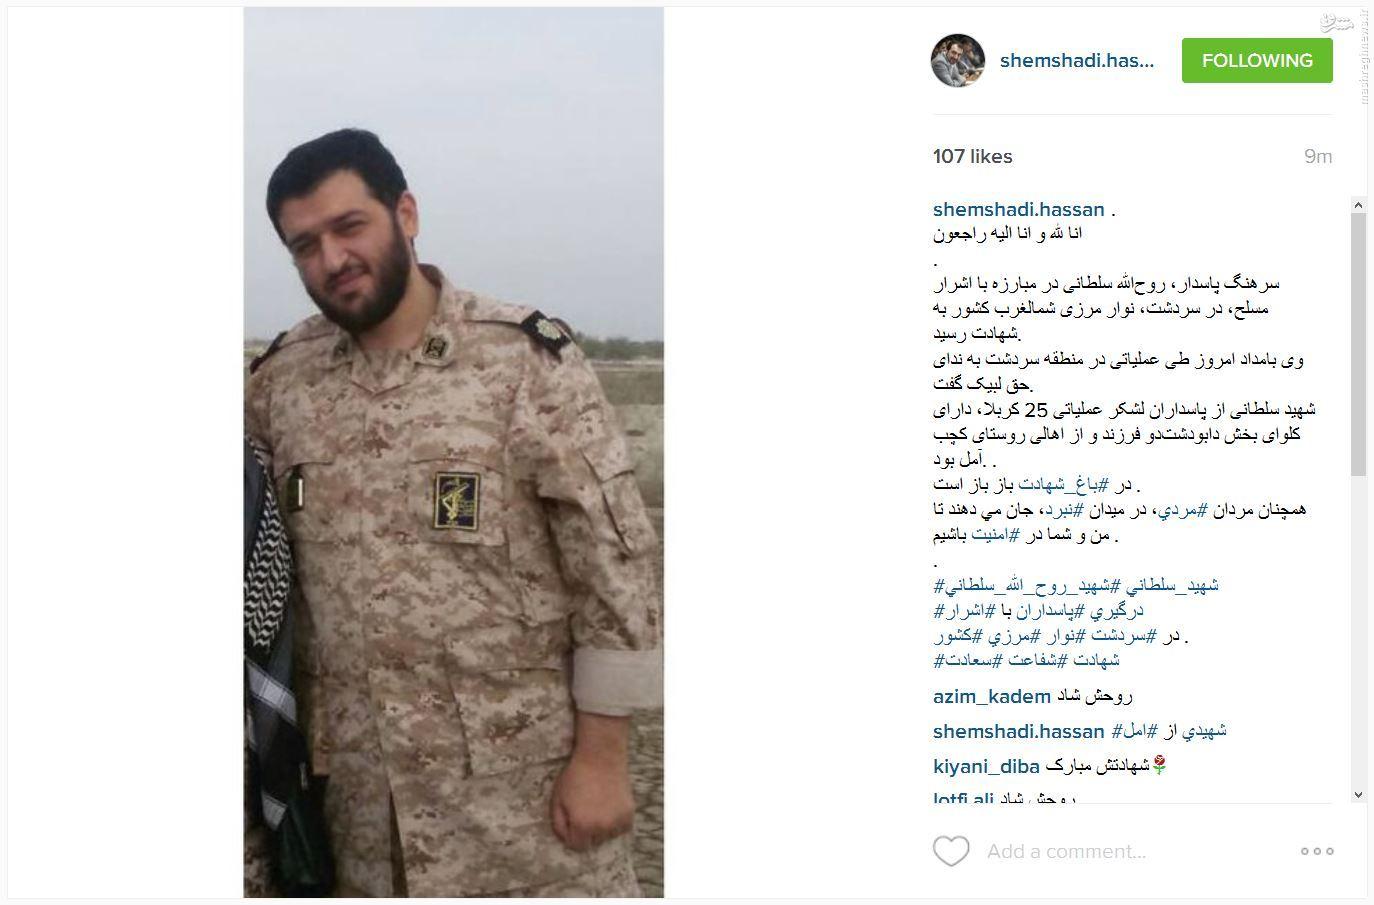 سرهنگ پاسداری که امروز به شهادت رسید+عکس